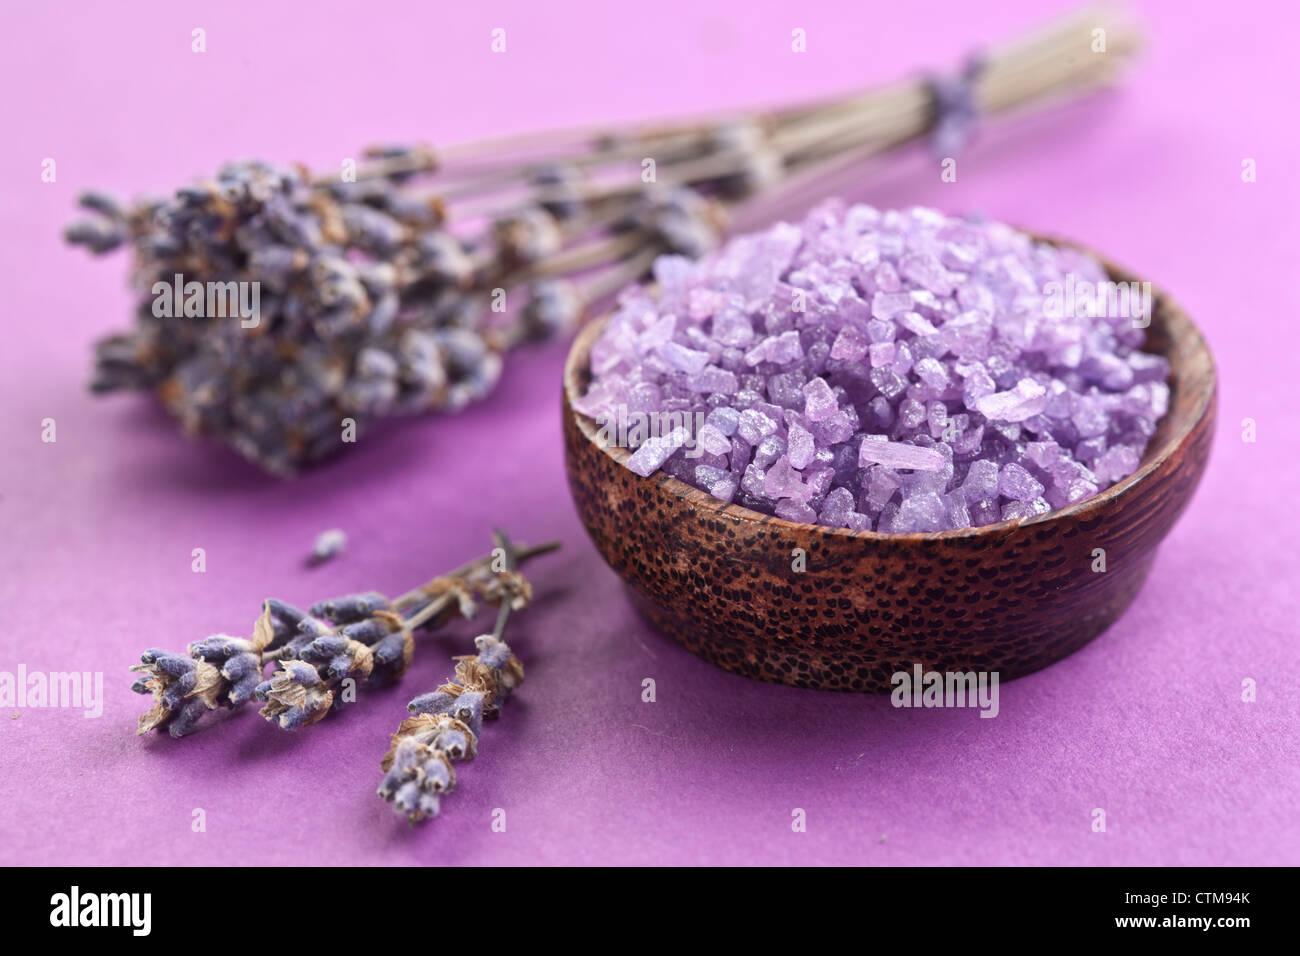 Meersalz und getrocknetem Lavendel auf violettem Hintergrund. Stockbild